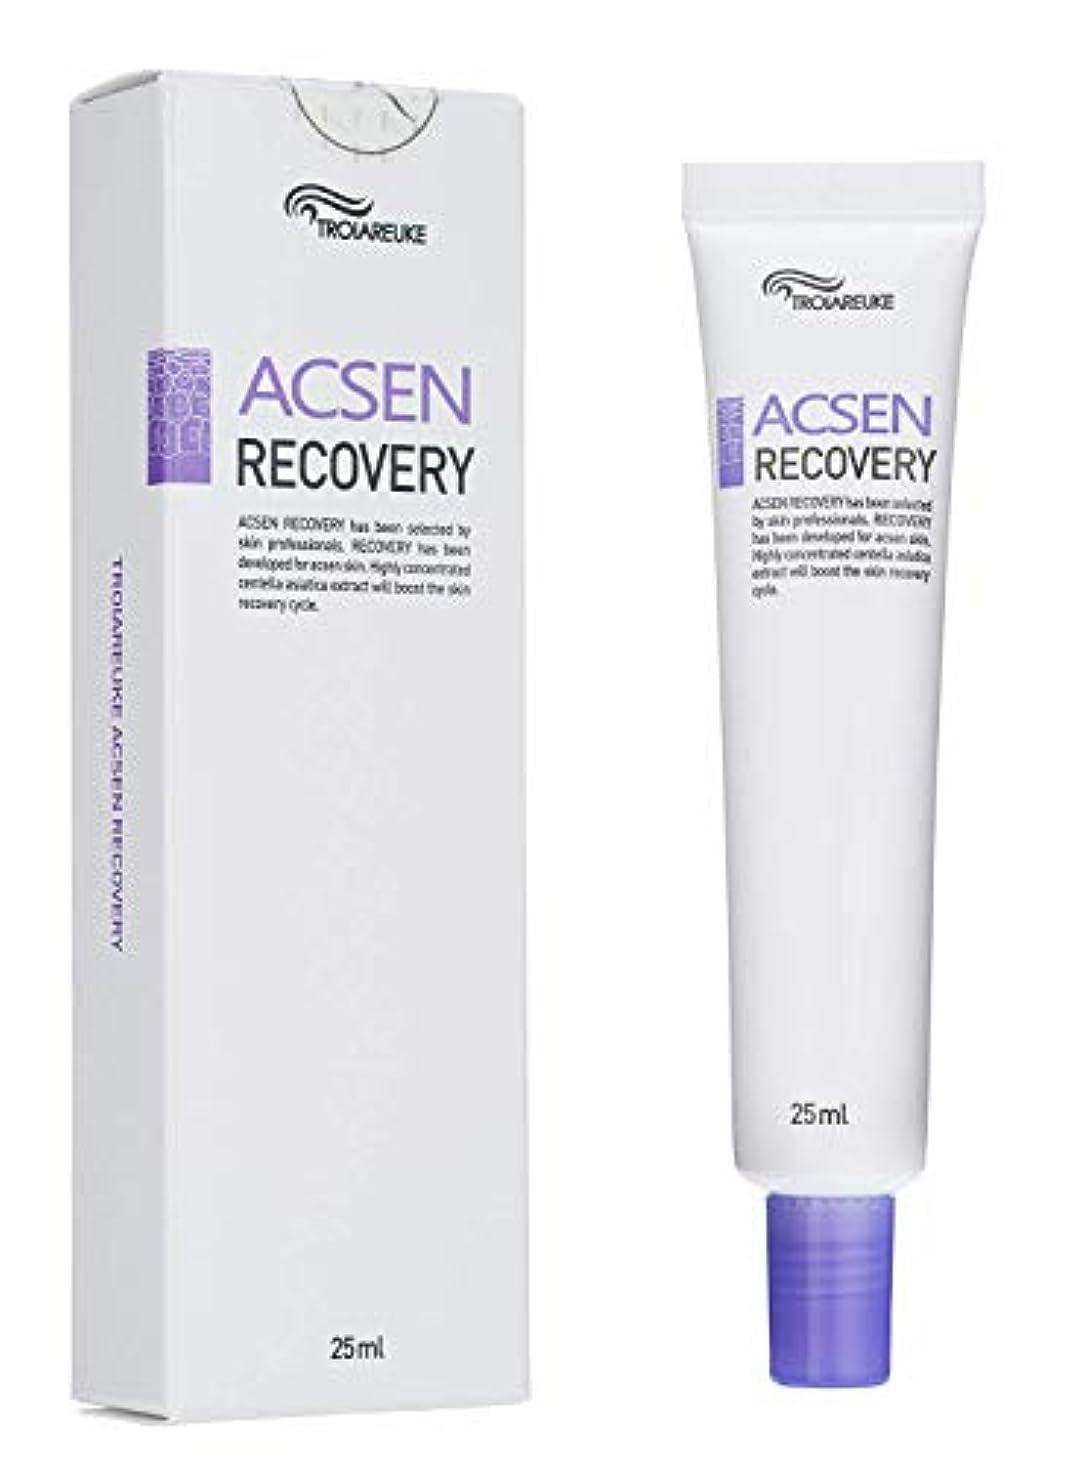 パーティション雪だるまトランスペアレントTROIAREUKE(トロイアルケ) アクセン リカバリー クリーム/Acsen Recovery Cream(25ml) [並行輸入品]